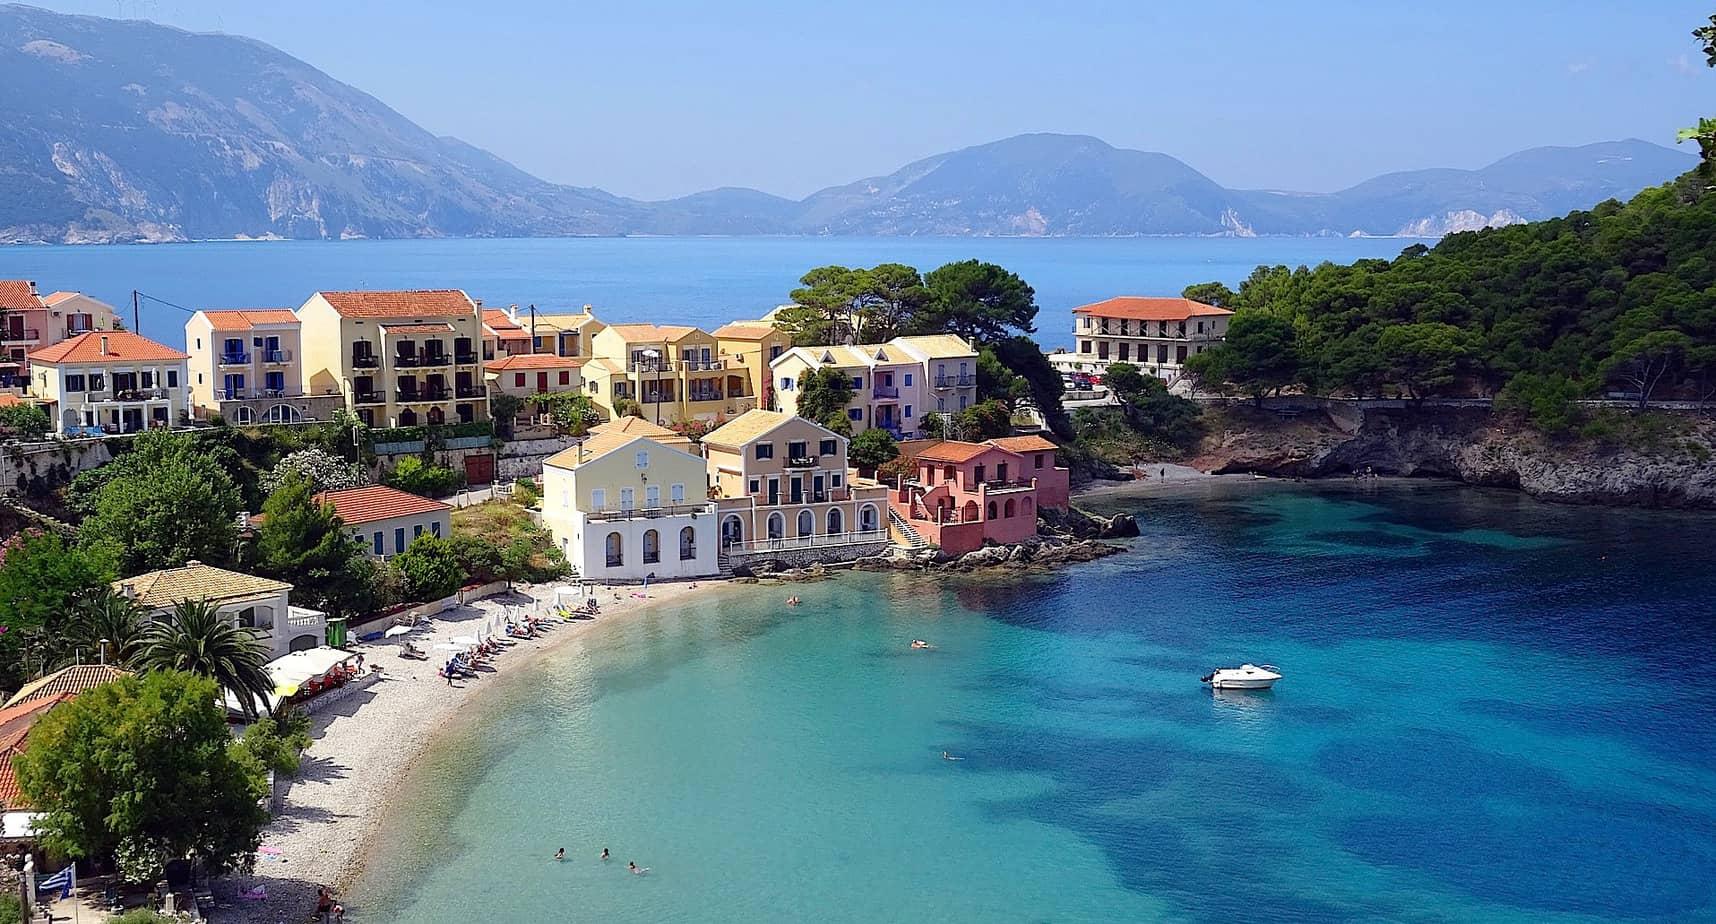 Met deze films en serie waan je je op een Grieks eiland | ENJOY! The Good LIfe